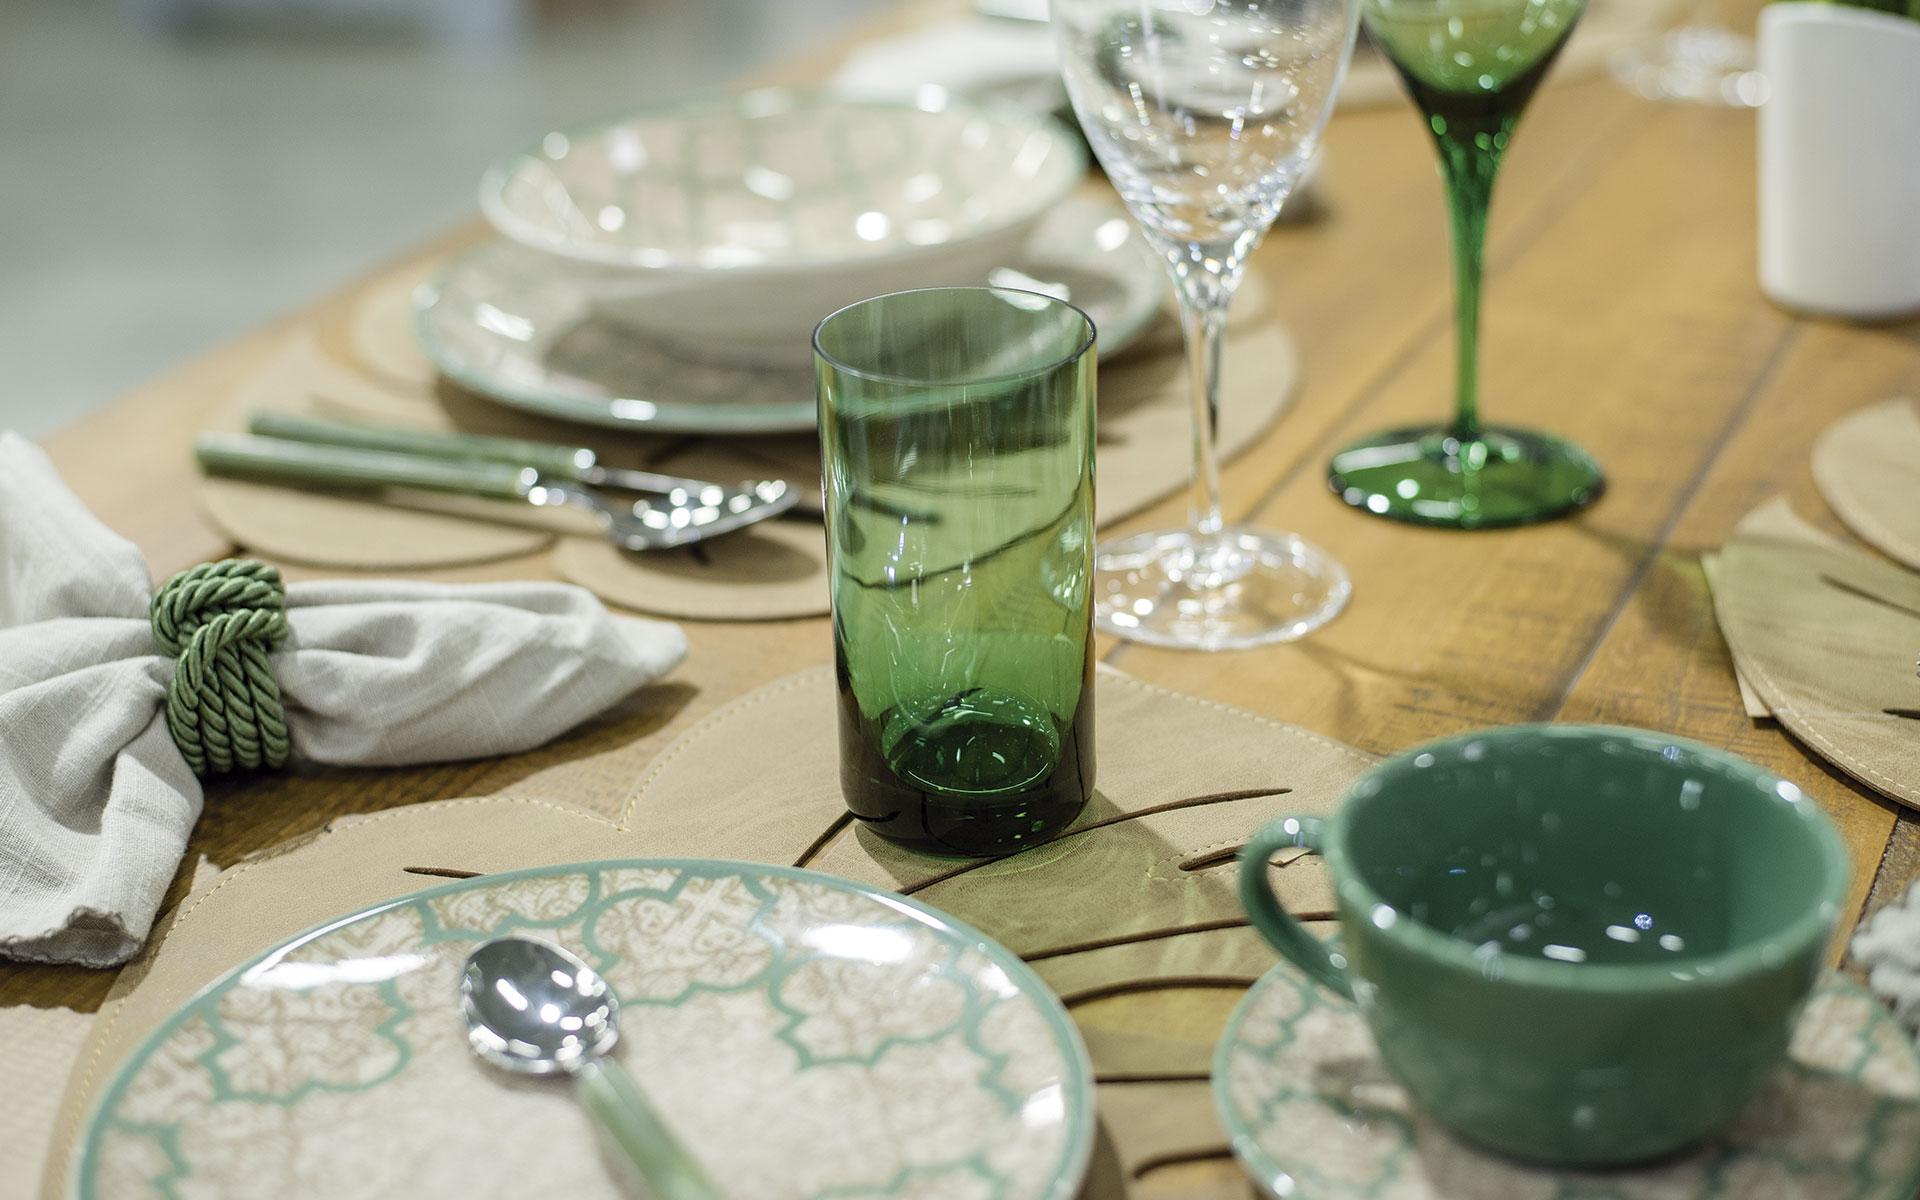 Texto: O copo de suco colorido pode trazer mais alegria à mesa! Foto: Karla Rudnick.